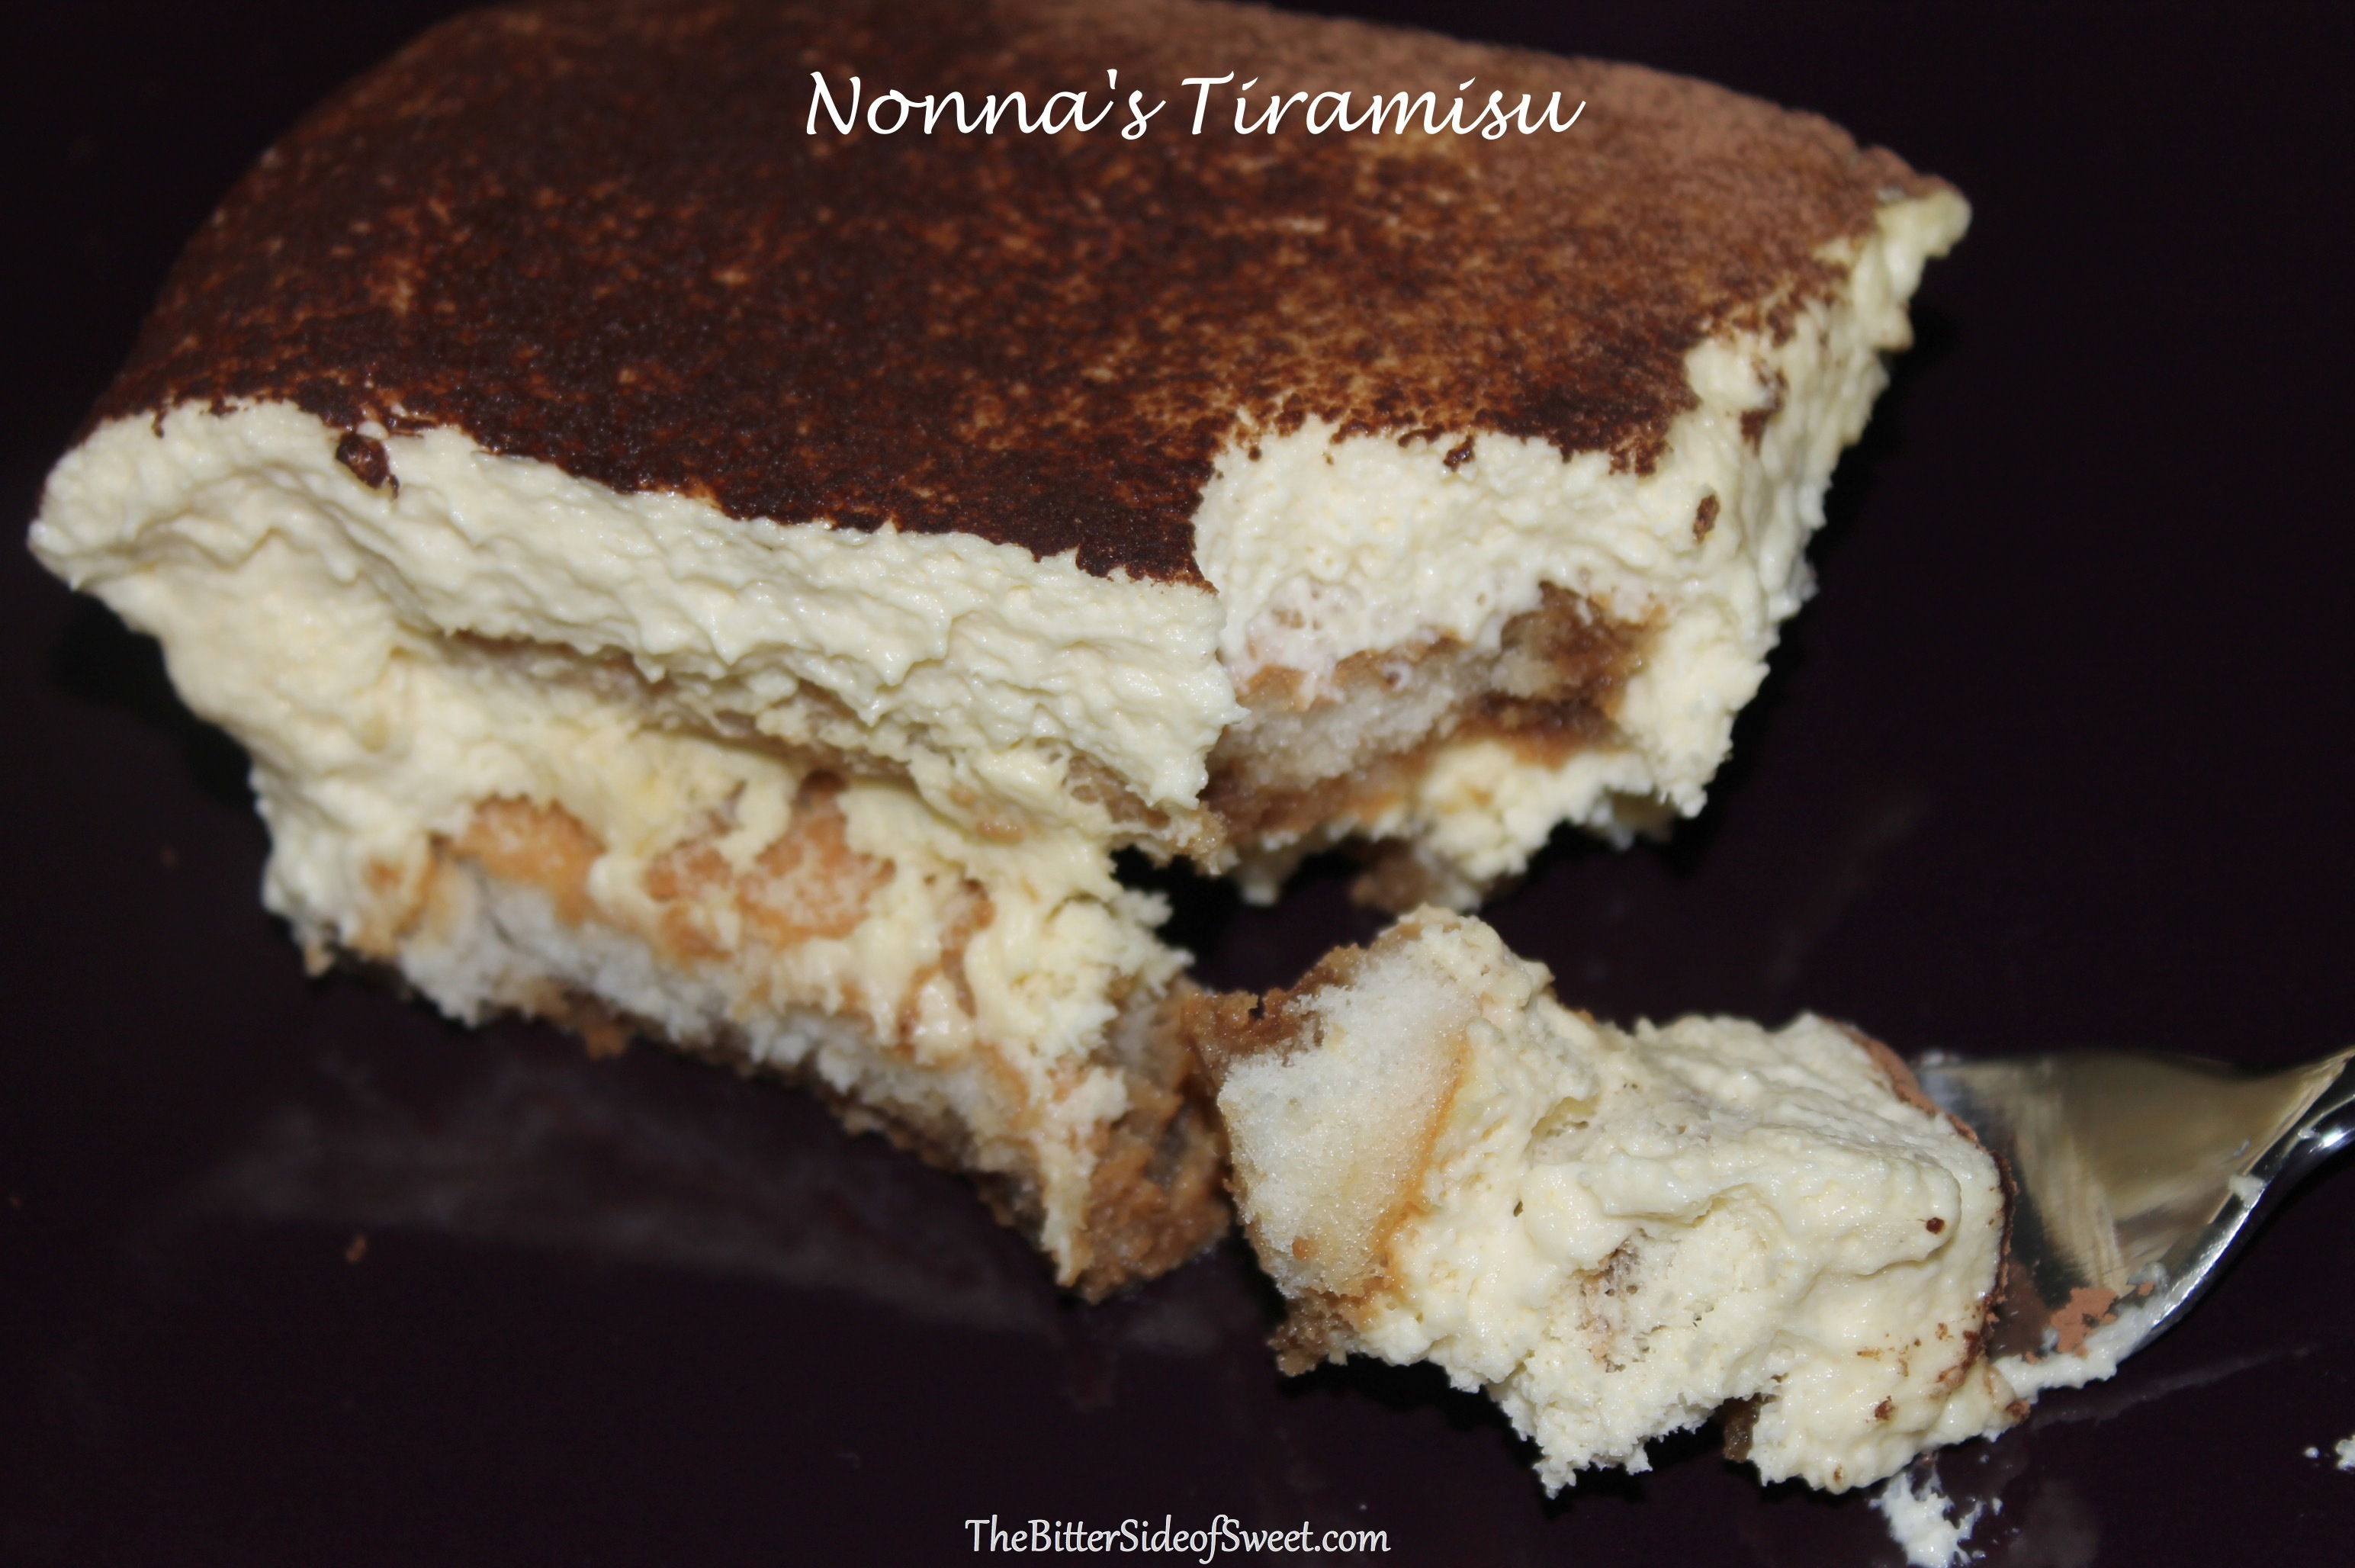 Valentine's Day Nonna's Tiramisu